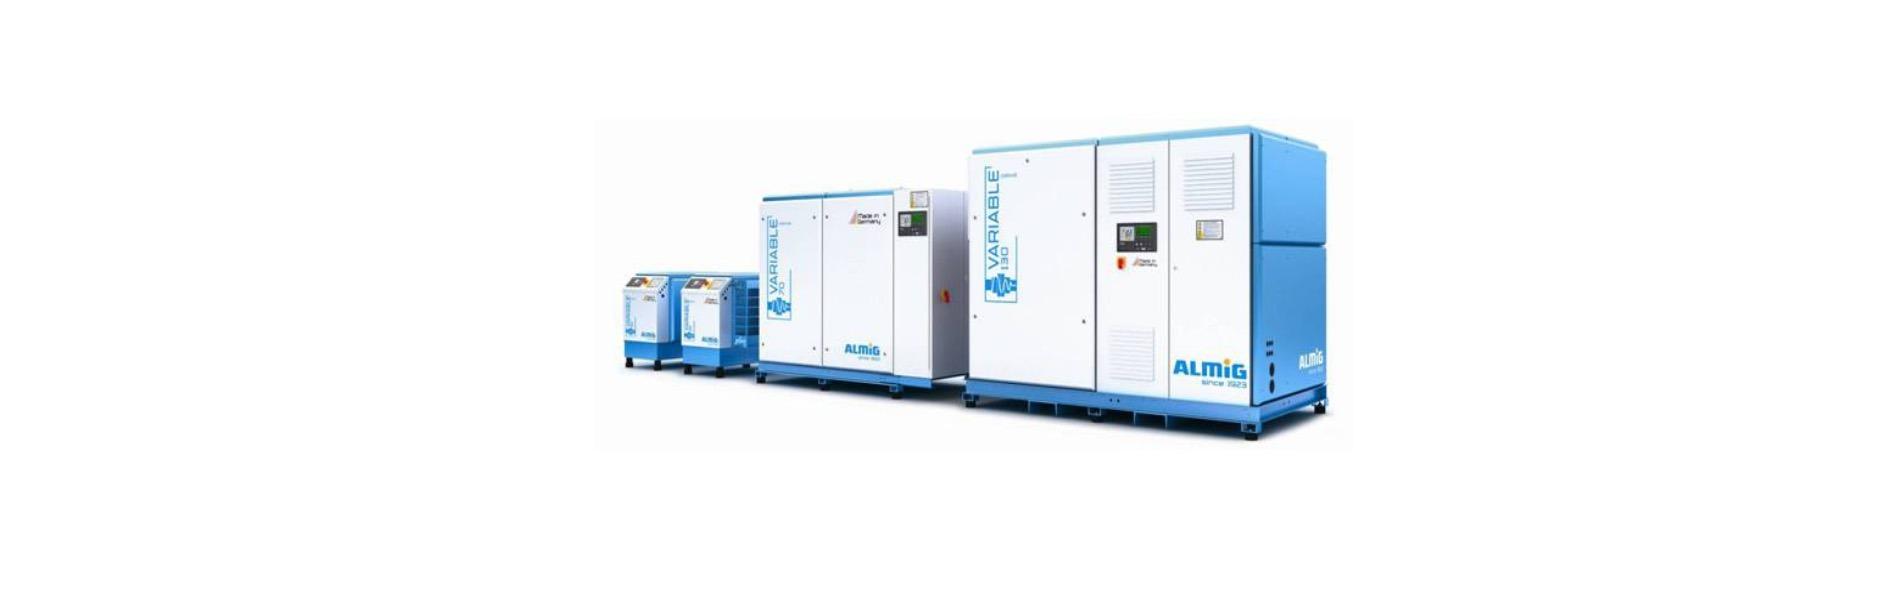 almig compressor, almig compressor systems